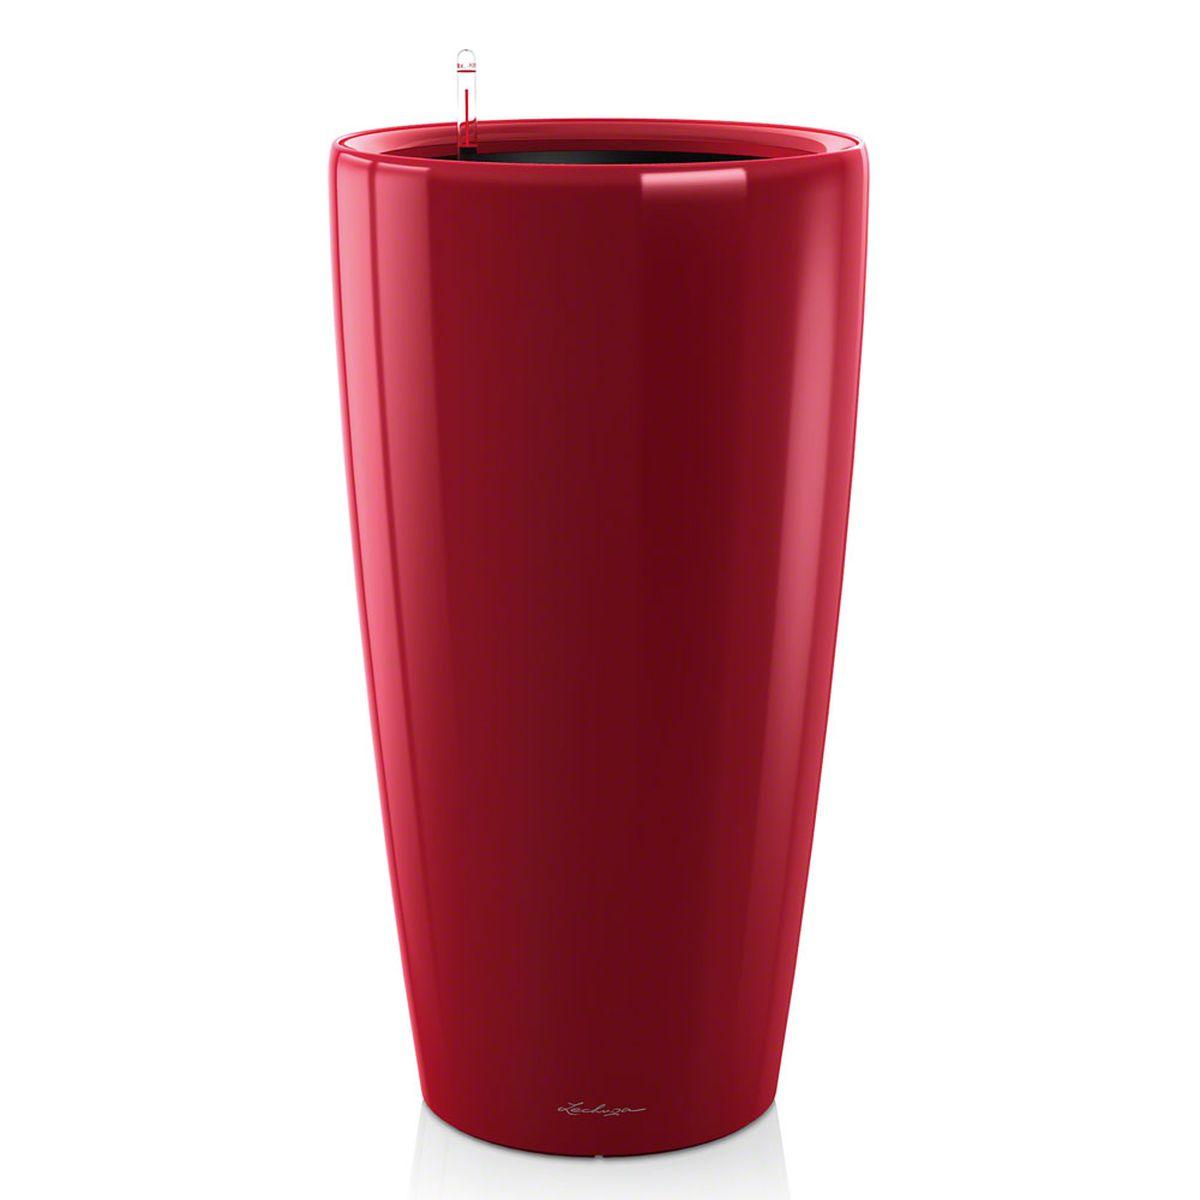 Кашпо с автополивом Lechuza Rondo 40х75 см, красное15759Изящная форма кашпо RONDO является одновременно элегантной и несложной, и позволяет представить в выгодном свете любое растение. Сочетание кашпо с моделями CLASSICO идеально дополняет общую картину. Особые преимущества: - Всегда элегантный дизайн кашпо, соответствующий серии CLASSICO - Совершенная форма кашпо, для самых разных растений и позиций Внутренний горшок с выдвижными ручками обеспечивает: - Легкую переноску даже высоких растений - Легкую смену растений